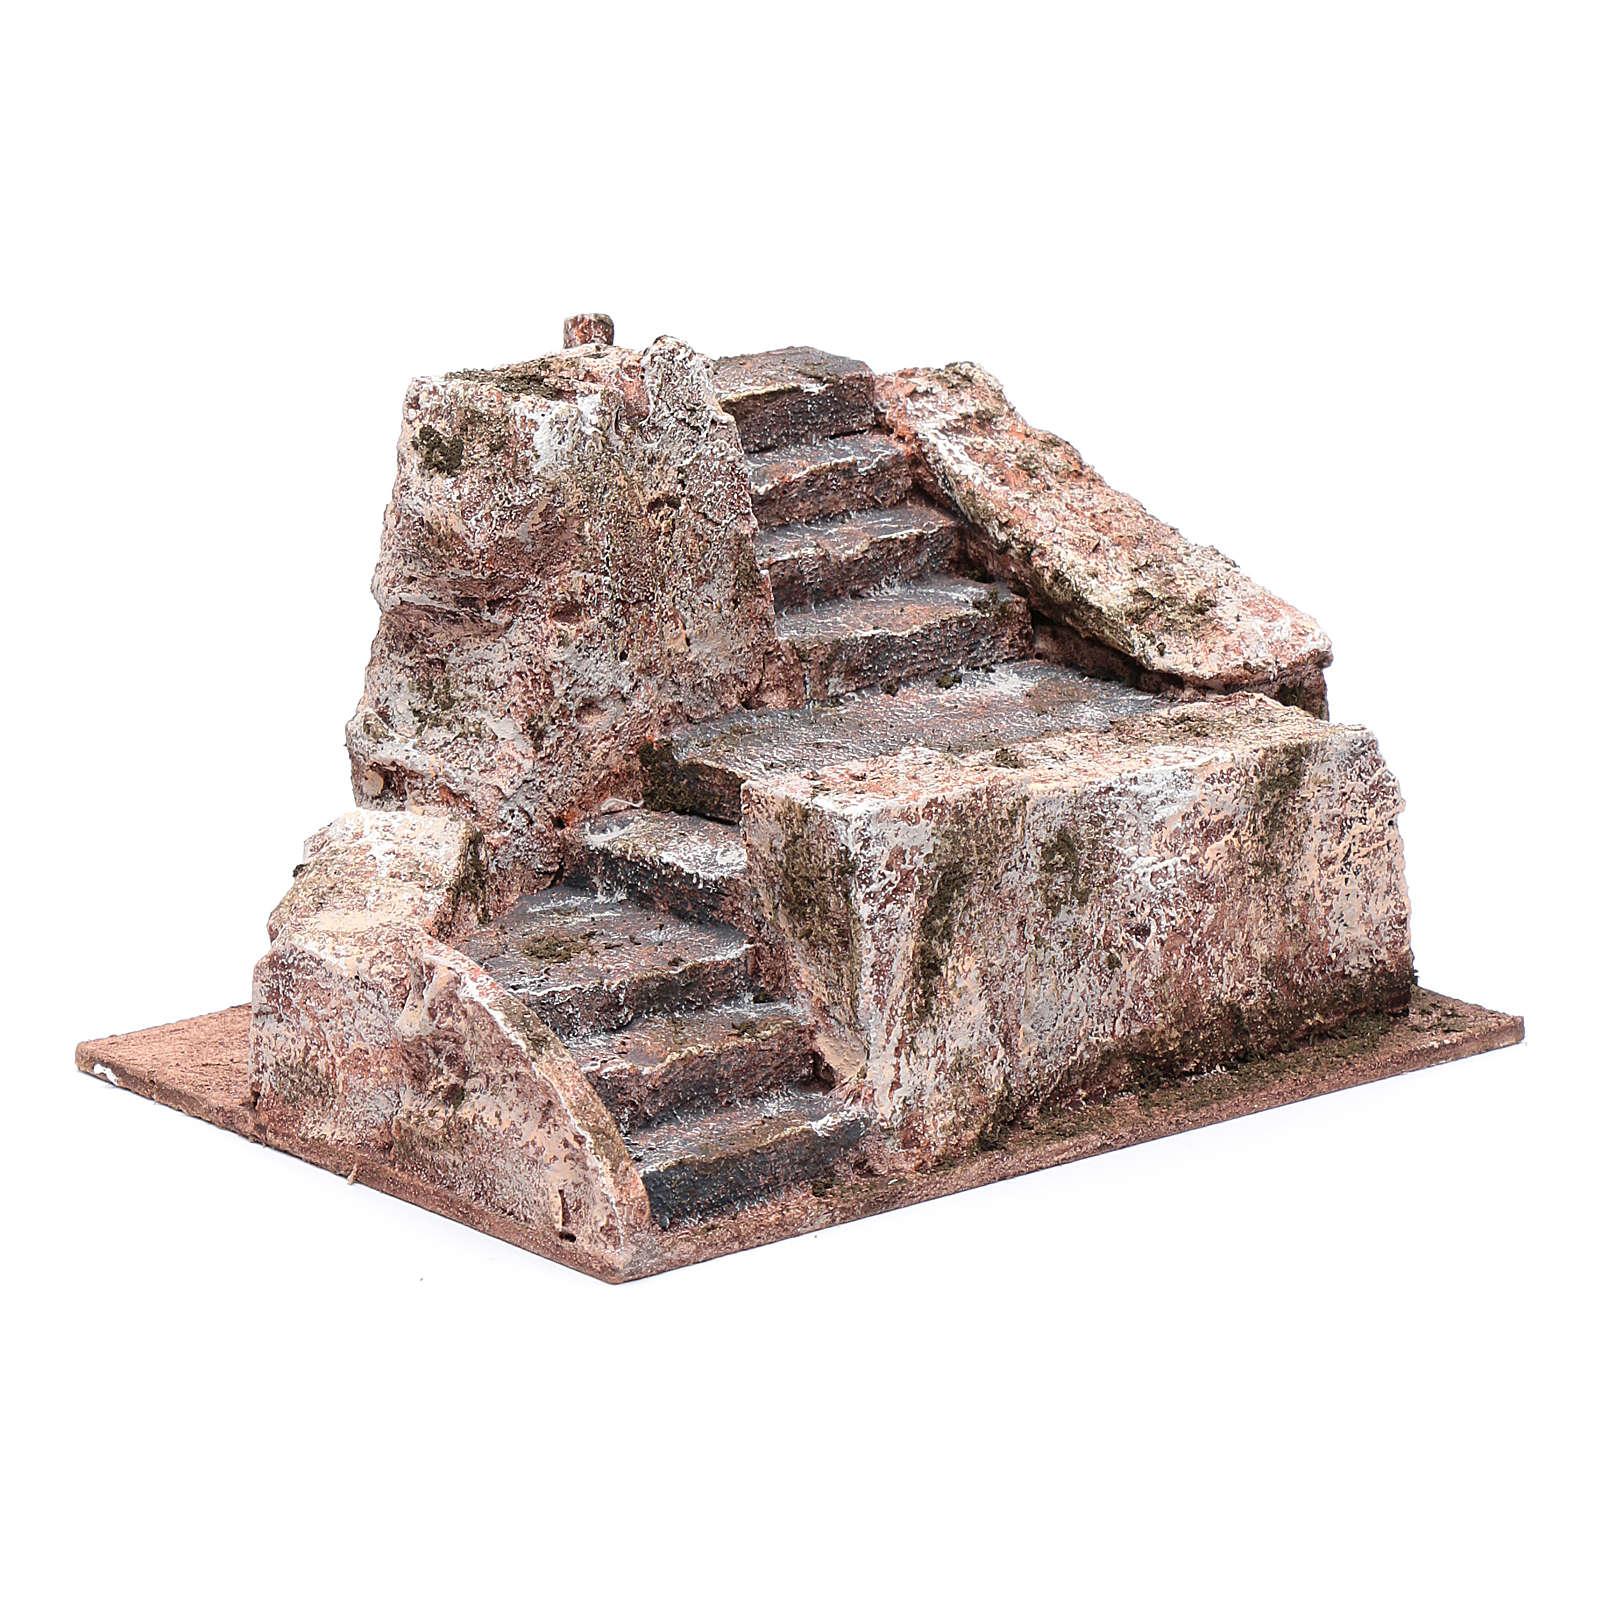 Escalier crèche 11x19,5x14 cm 4